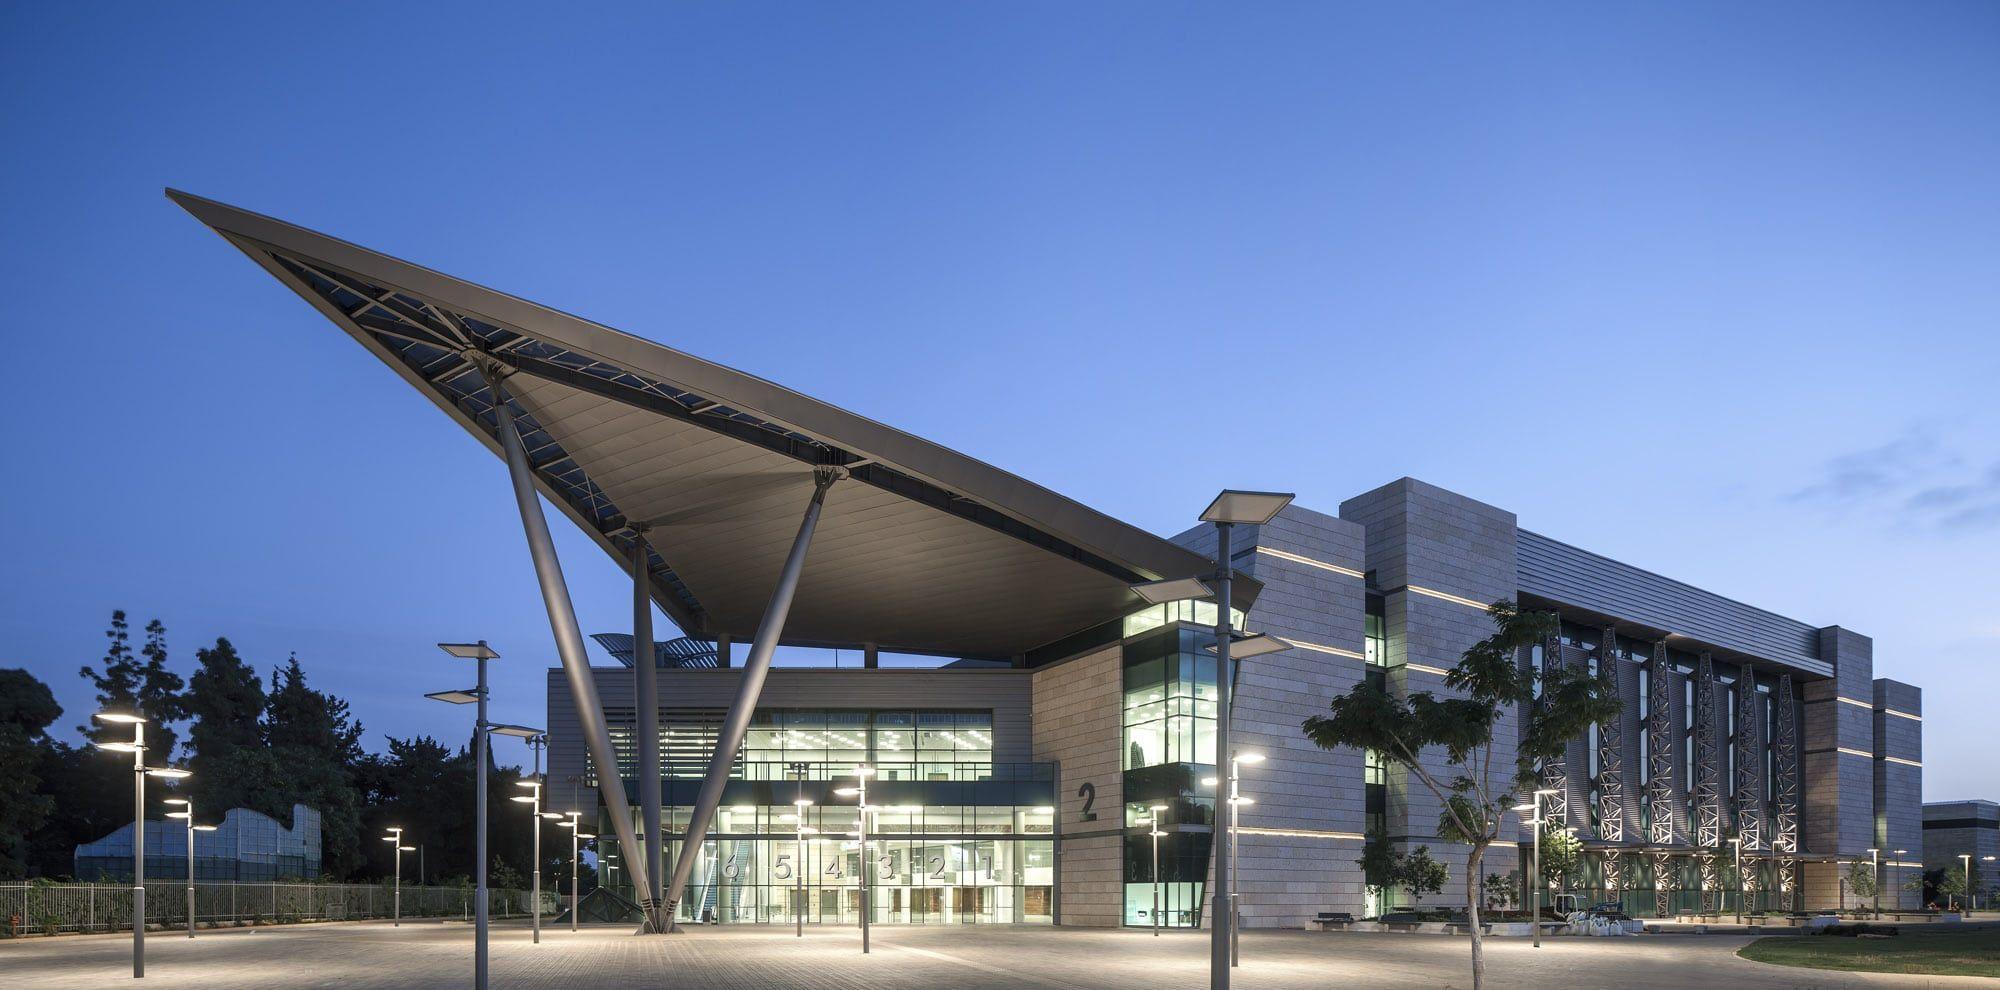 Mye tyder på at neste års Eurovision-konkurranse vil bli arrangert i dette bygget i Tel Aviv.